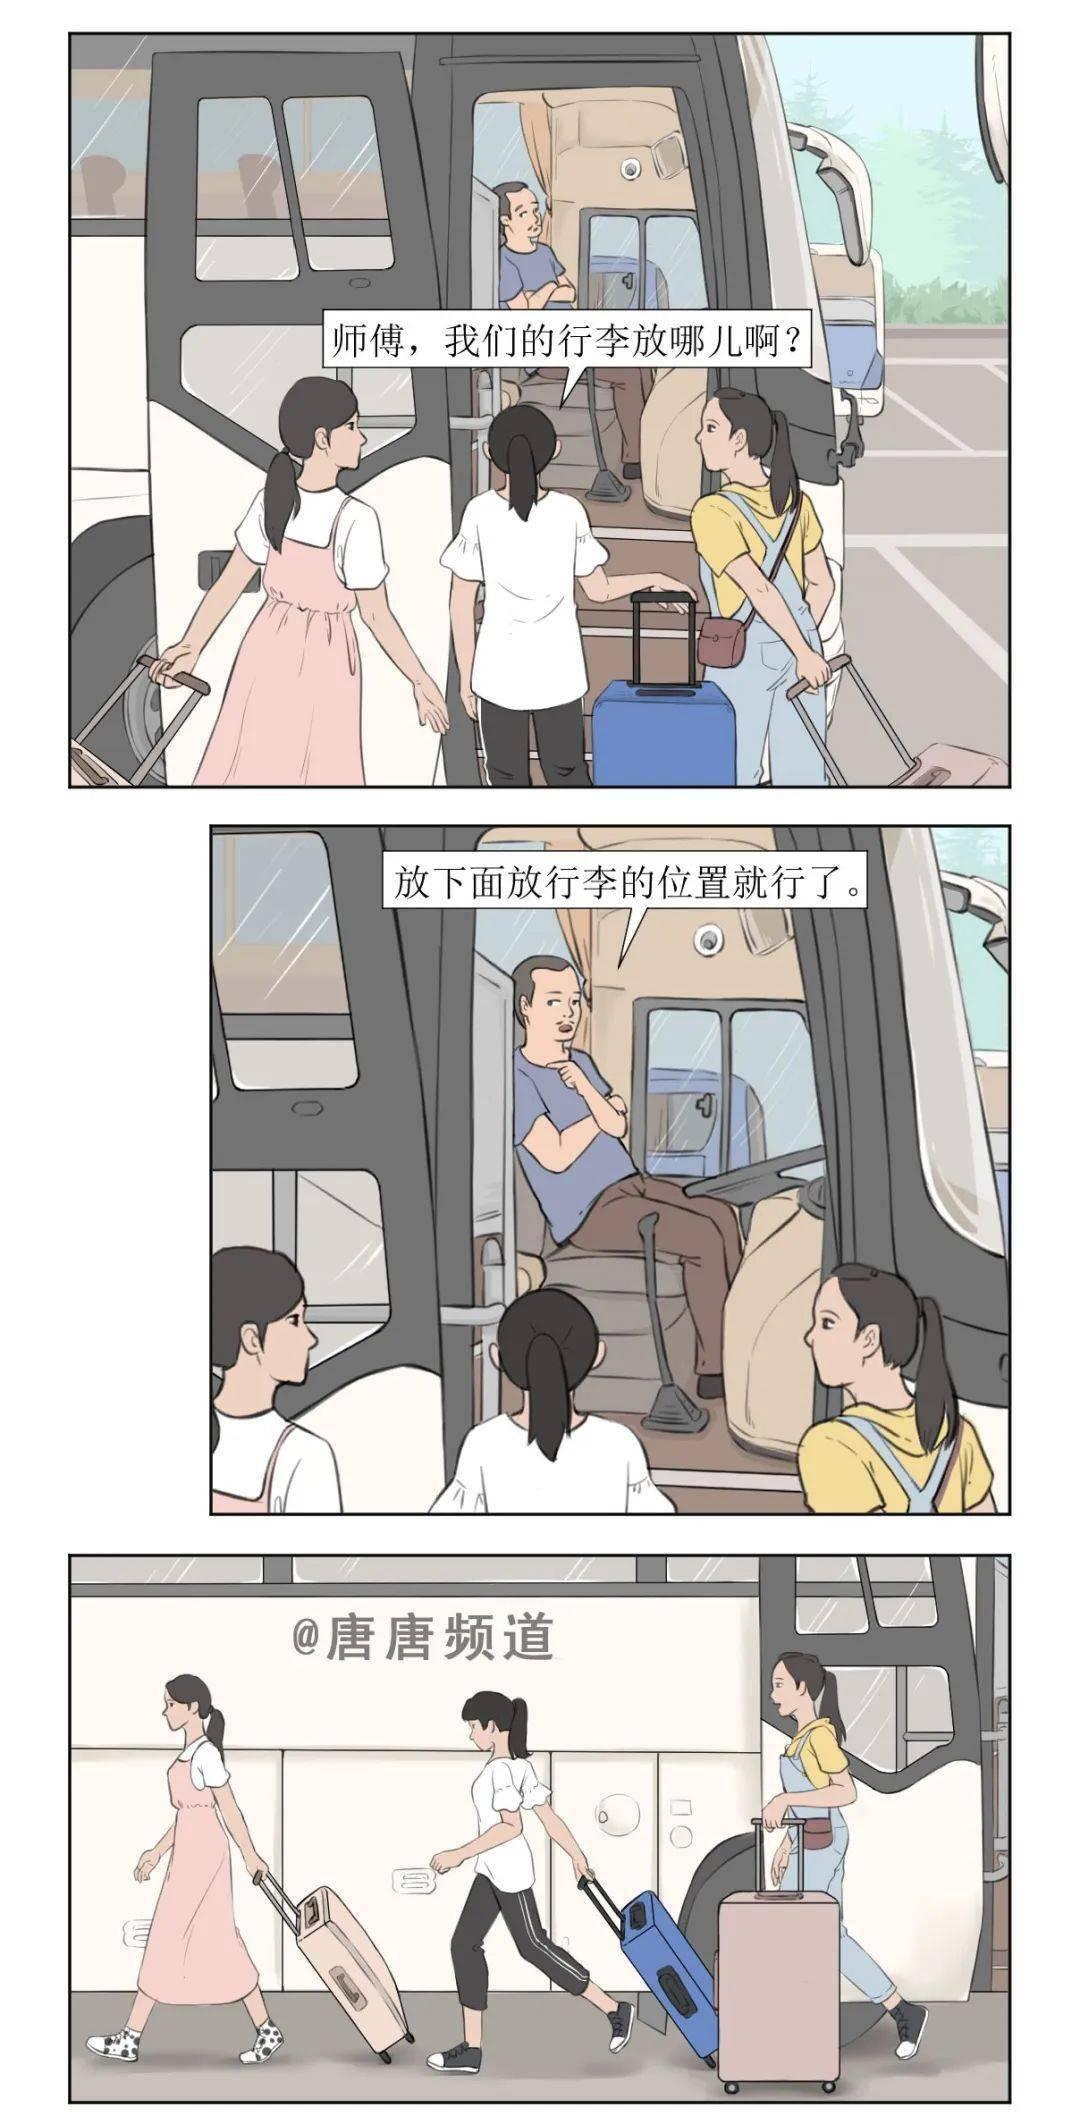 扑飞漫画:行李放哪?